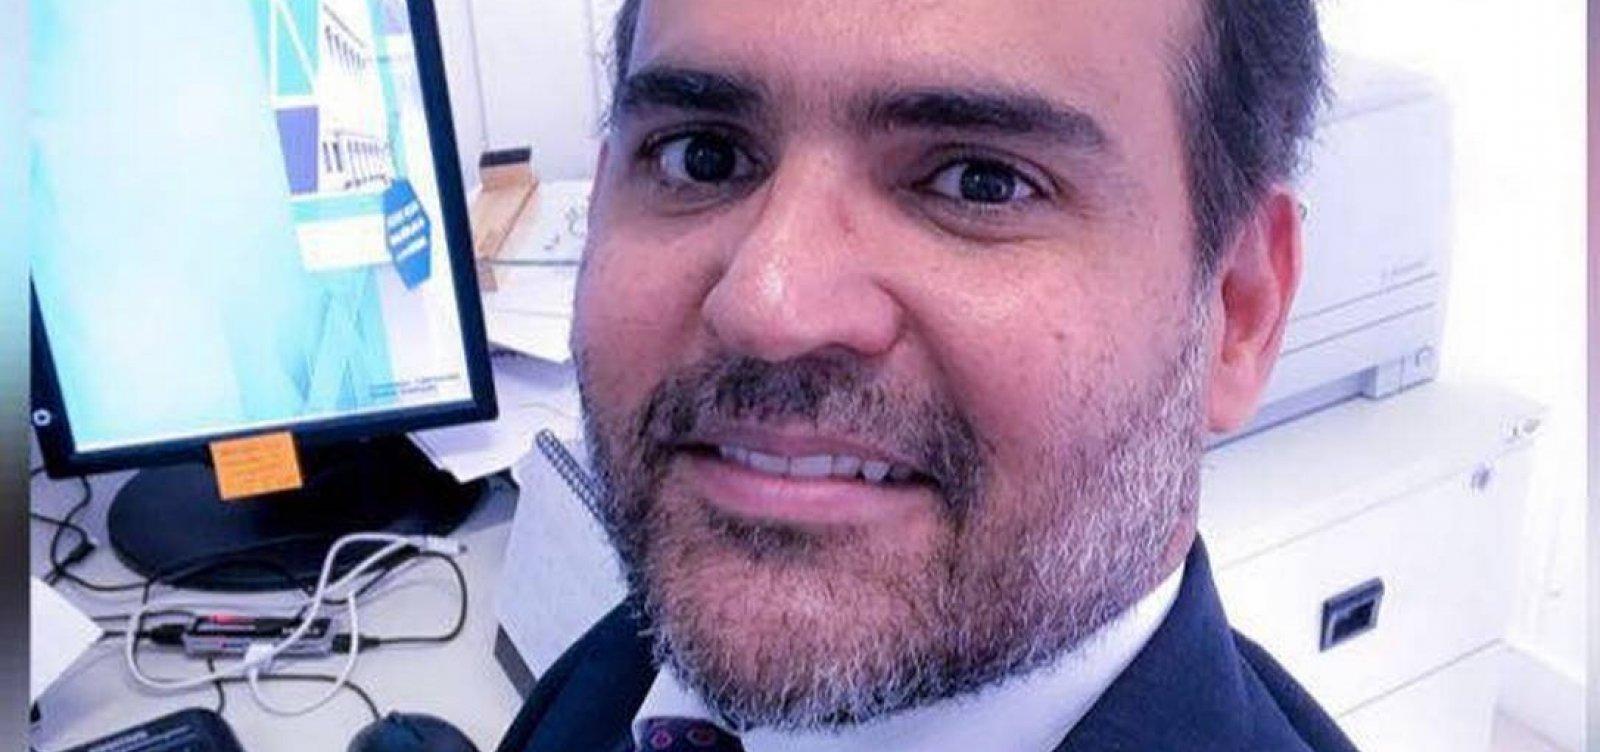 [Operação Faroeste: Juiz foi preso após tentar destruir provas, diz coluna]